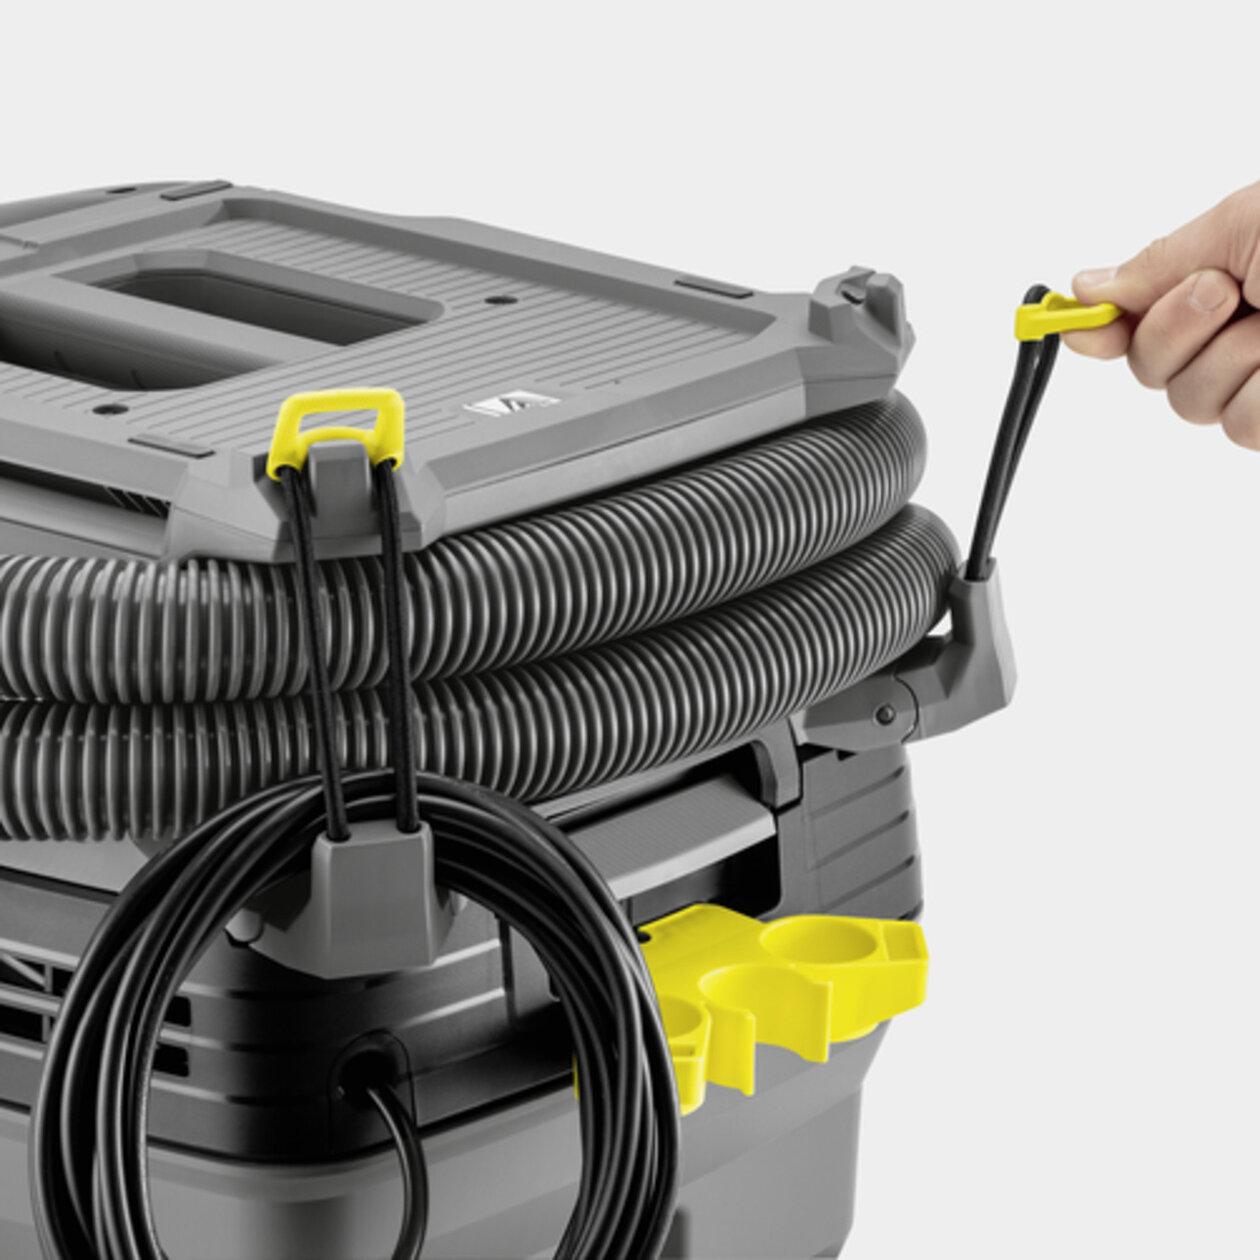 Mokro-suchý vysavač NT 30/1 Ap Te*EU: Flexibilní uložení hadice a síťového kabele